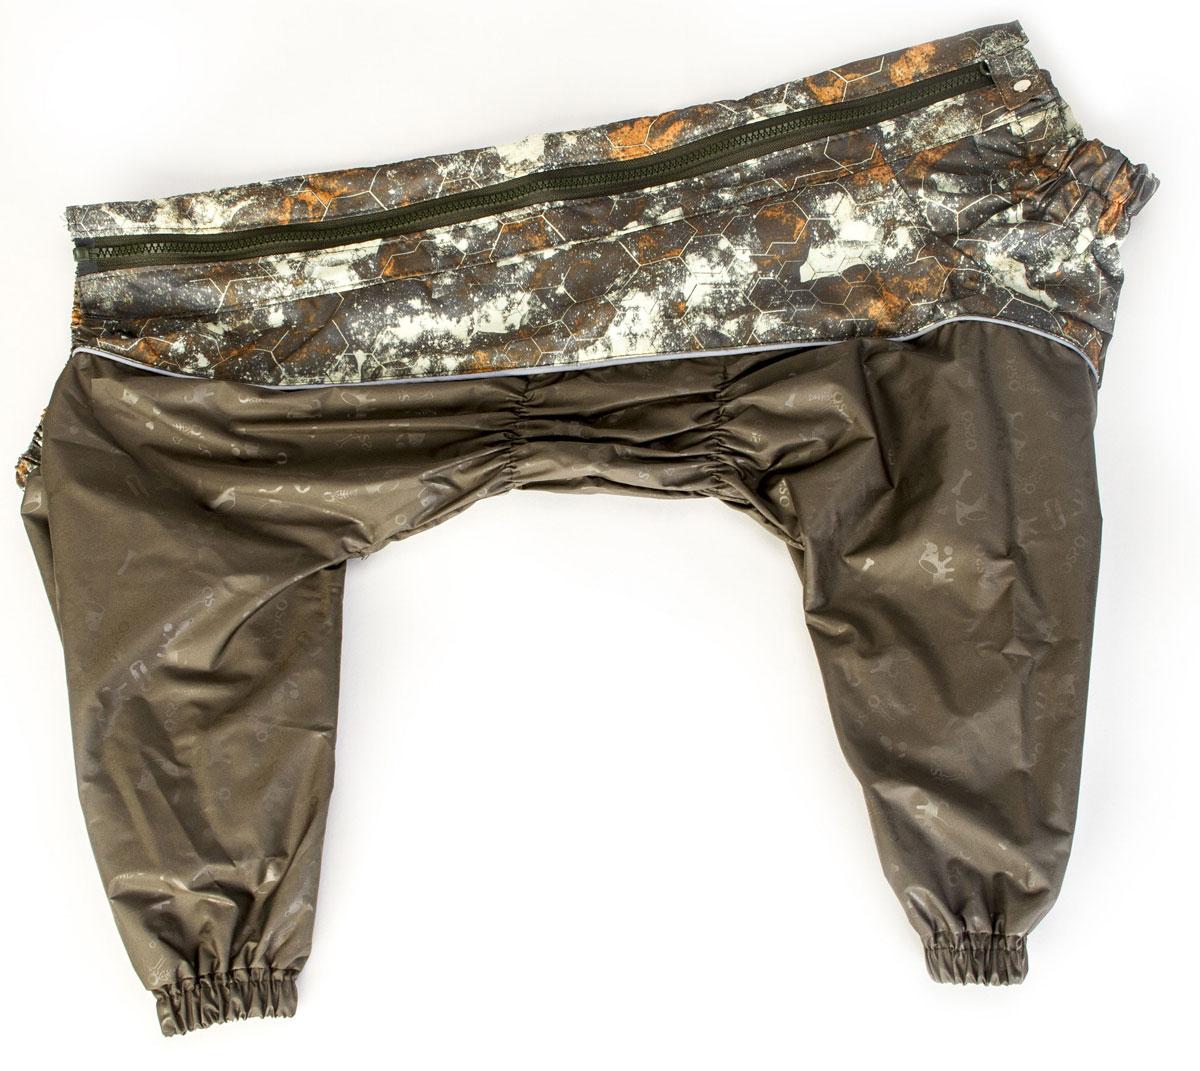 Комбинезон для собак OSSO Fashion, для мальчика, цвет: хаки. Размер 65К-1034-хаки-вставкаКомбинезон для собак OSSO Fashion изготовлен из водоотталкивающей и ветрозащитной ткани (100% полиэстер). Предназначен для прогулок в межсезонье, в сырую погоду для защиты собаки от грязи и воды. В комбинезоне используется отделка со светоотражающим кантом и тракторная молния со светоотражающей полосой. Комбинезон для собак эргономичен, удобен, не сковывает движений собаки при беге, во время игры и при дрессировке. Комфортная посадка по корпусу достигается за счет резинок-утяжек под грудью и животом. На воротнике имеется кнопка для фиксации. От попадания воды и грязи внутрь комбинезона низ штанин также собран на резинку. Длина спинки: 65 см. Объем груди: 72-90 см.